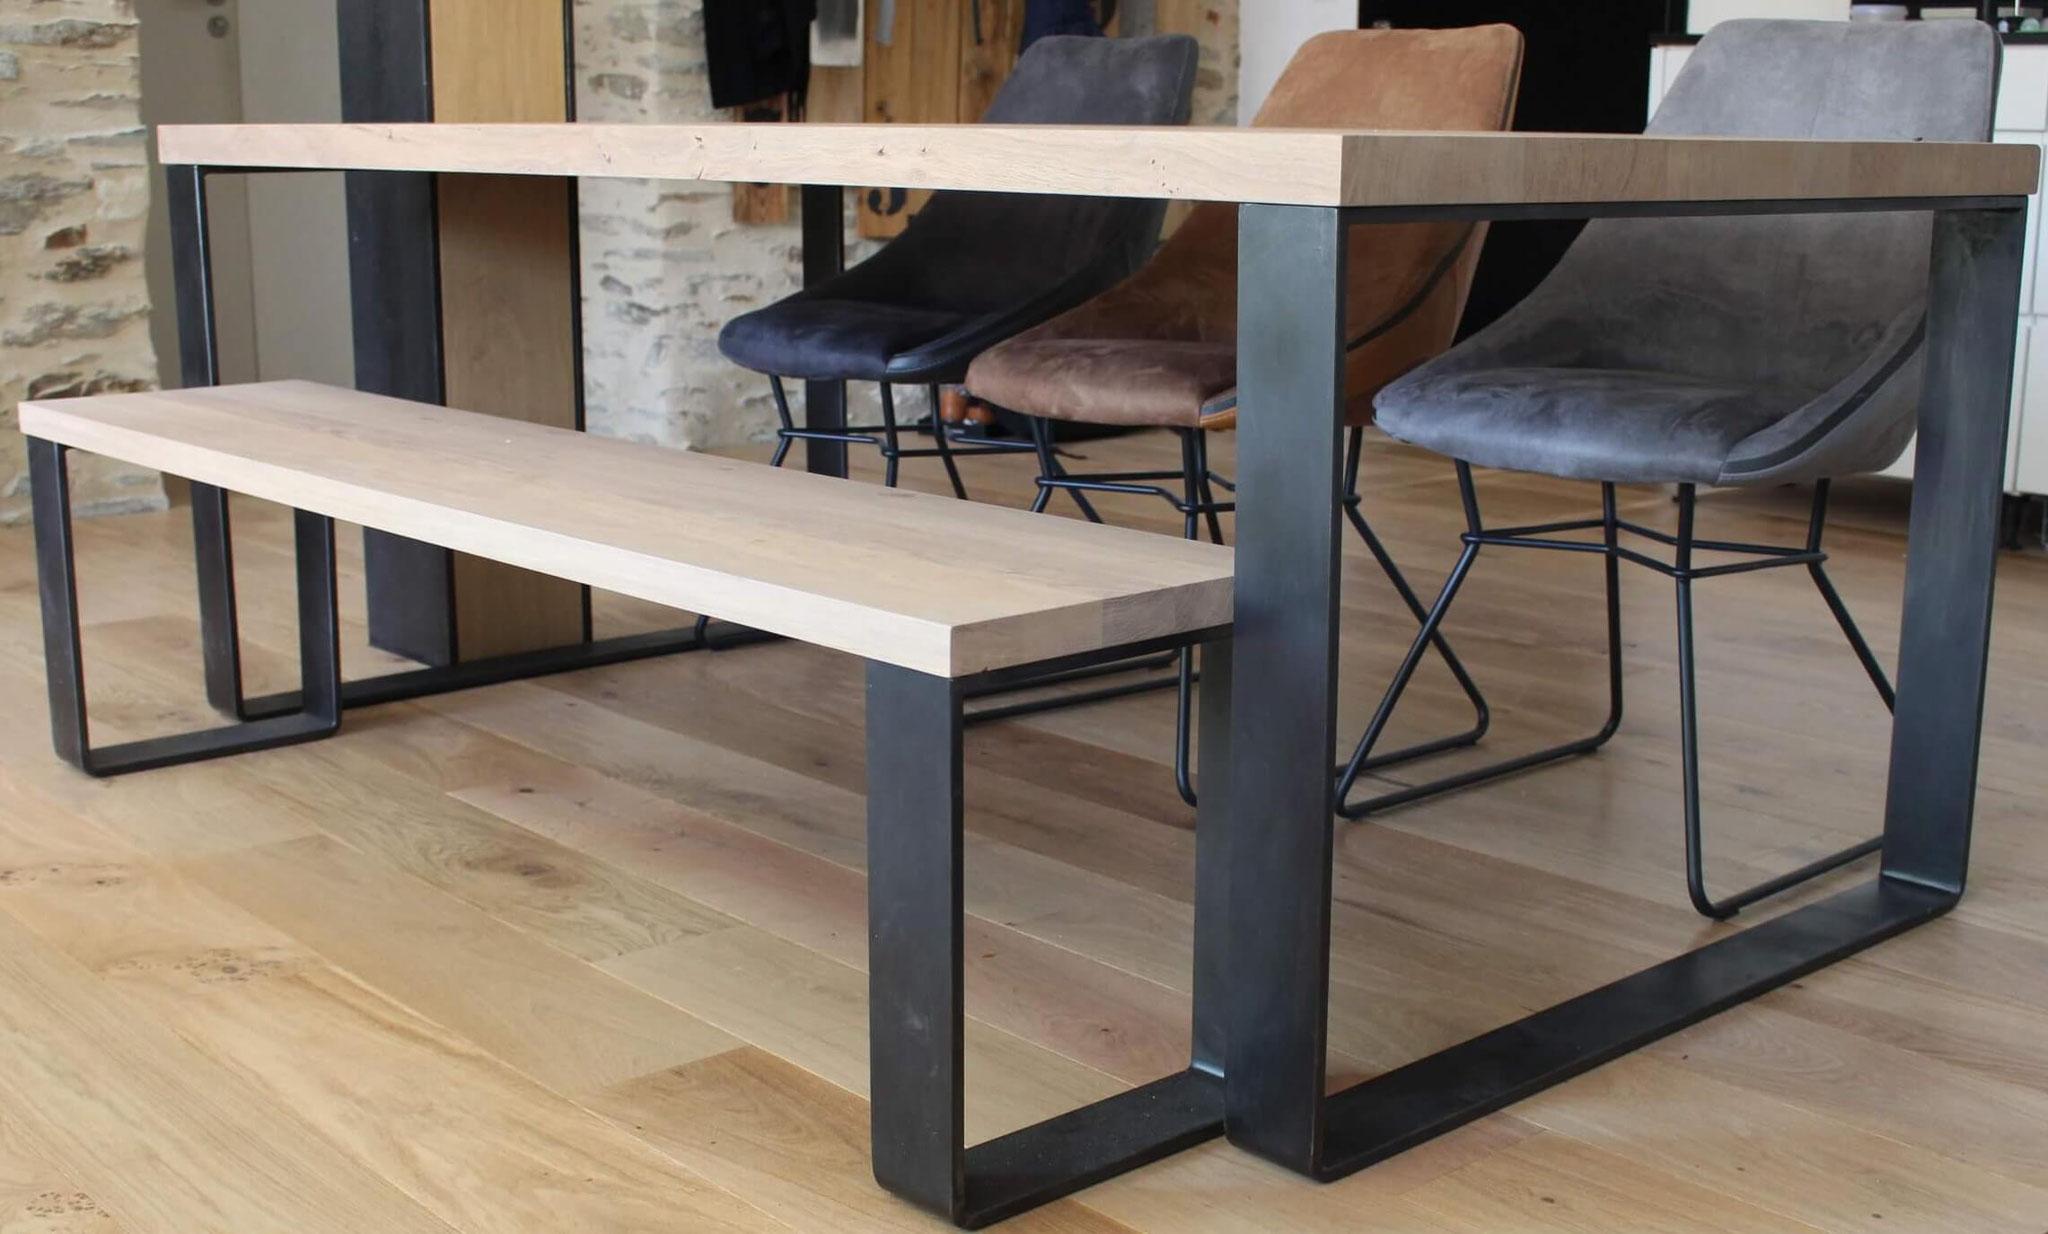 Pied de table rectangulaire large pour cuisine - piedtable.fr